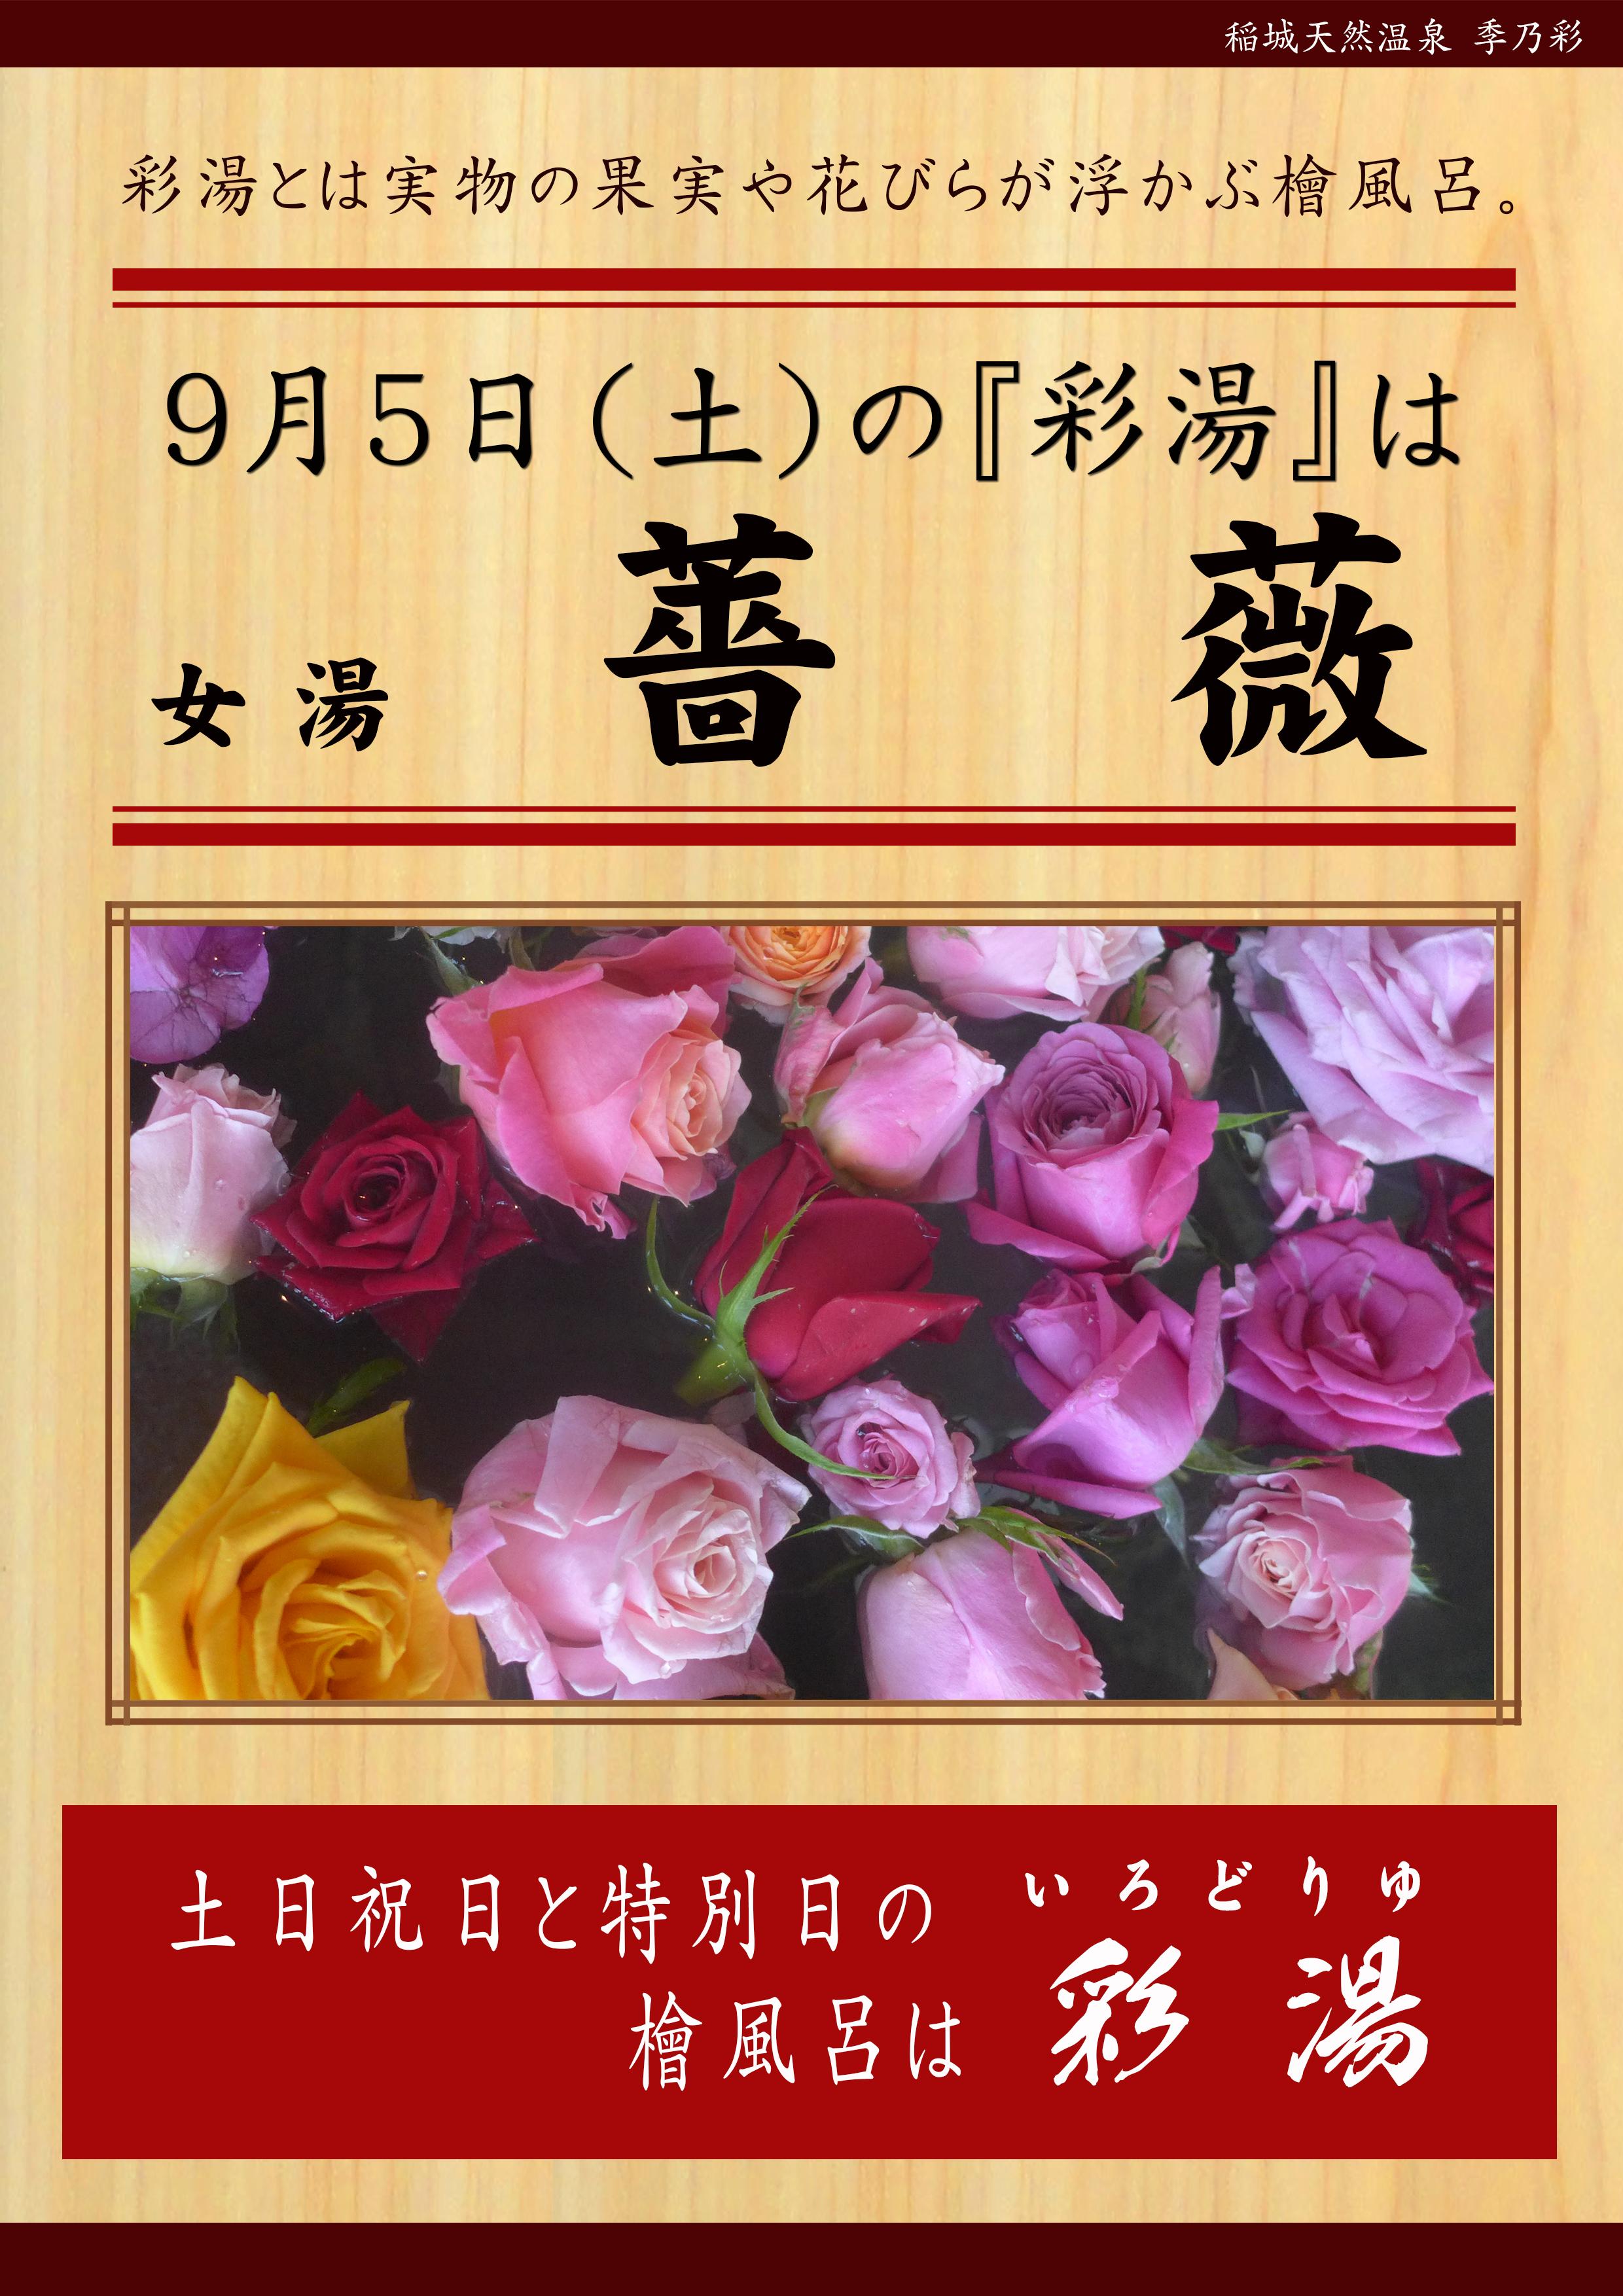 女湯 薔薇0905